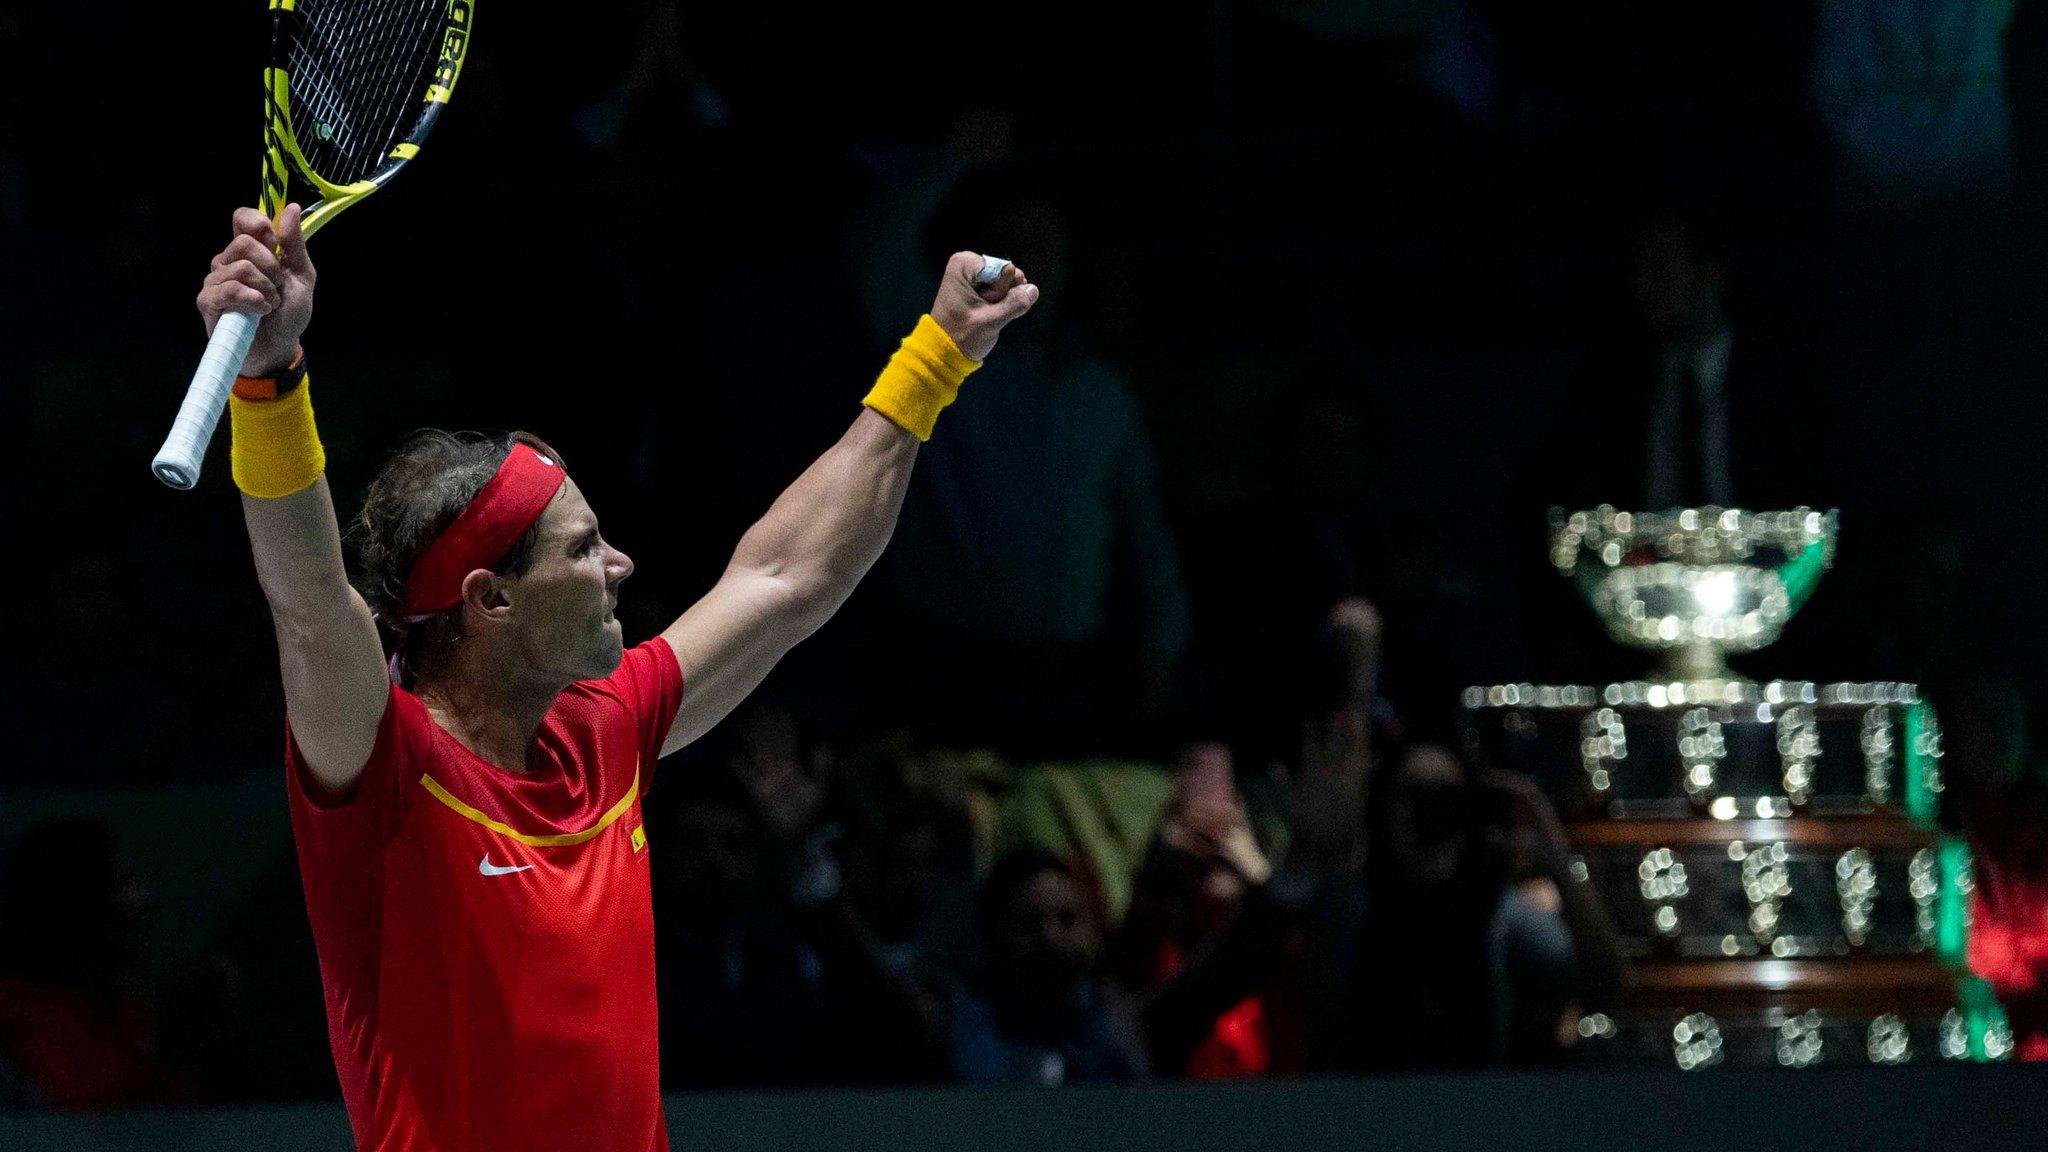 El español amplió su racha de victorias consecutivas en la Davis, que llega ya a las 29, con una sola derrota